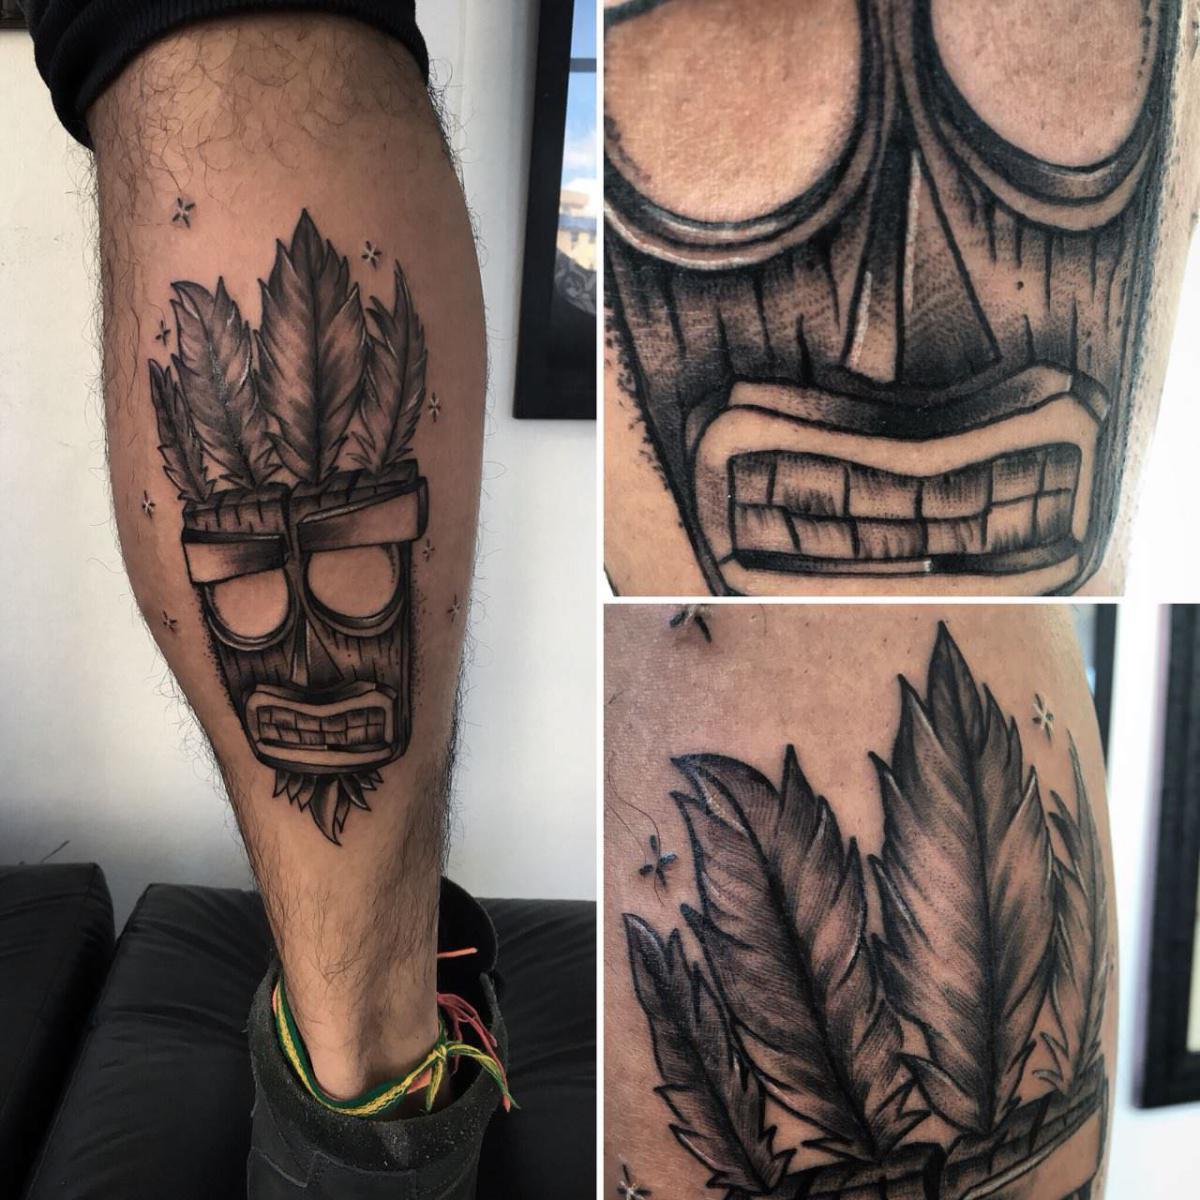 Nova Tattoo Studio